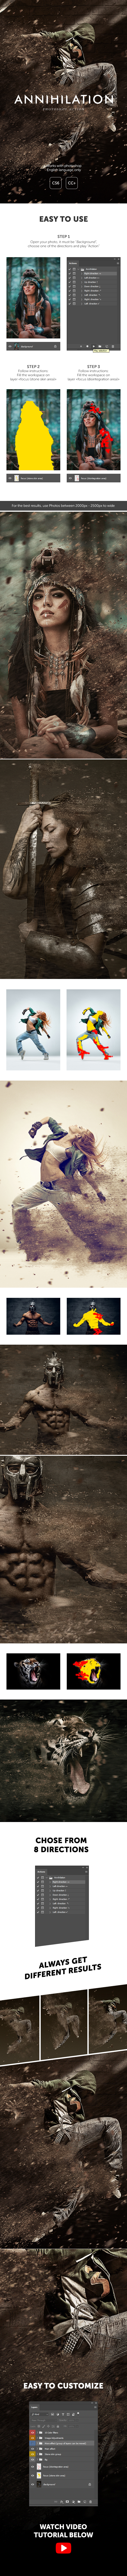 Annihilation - Photoshop Effect